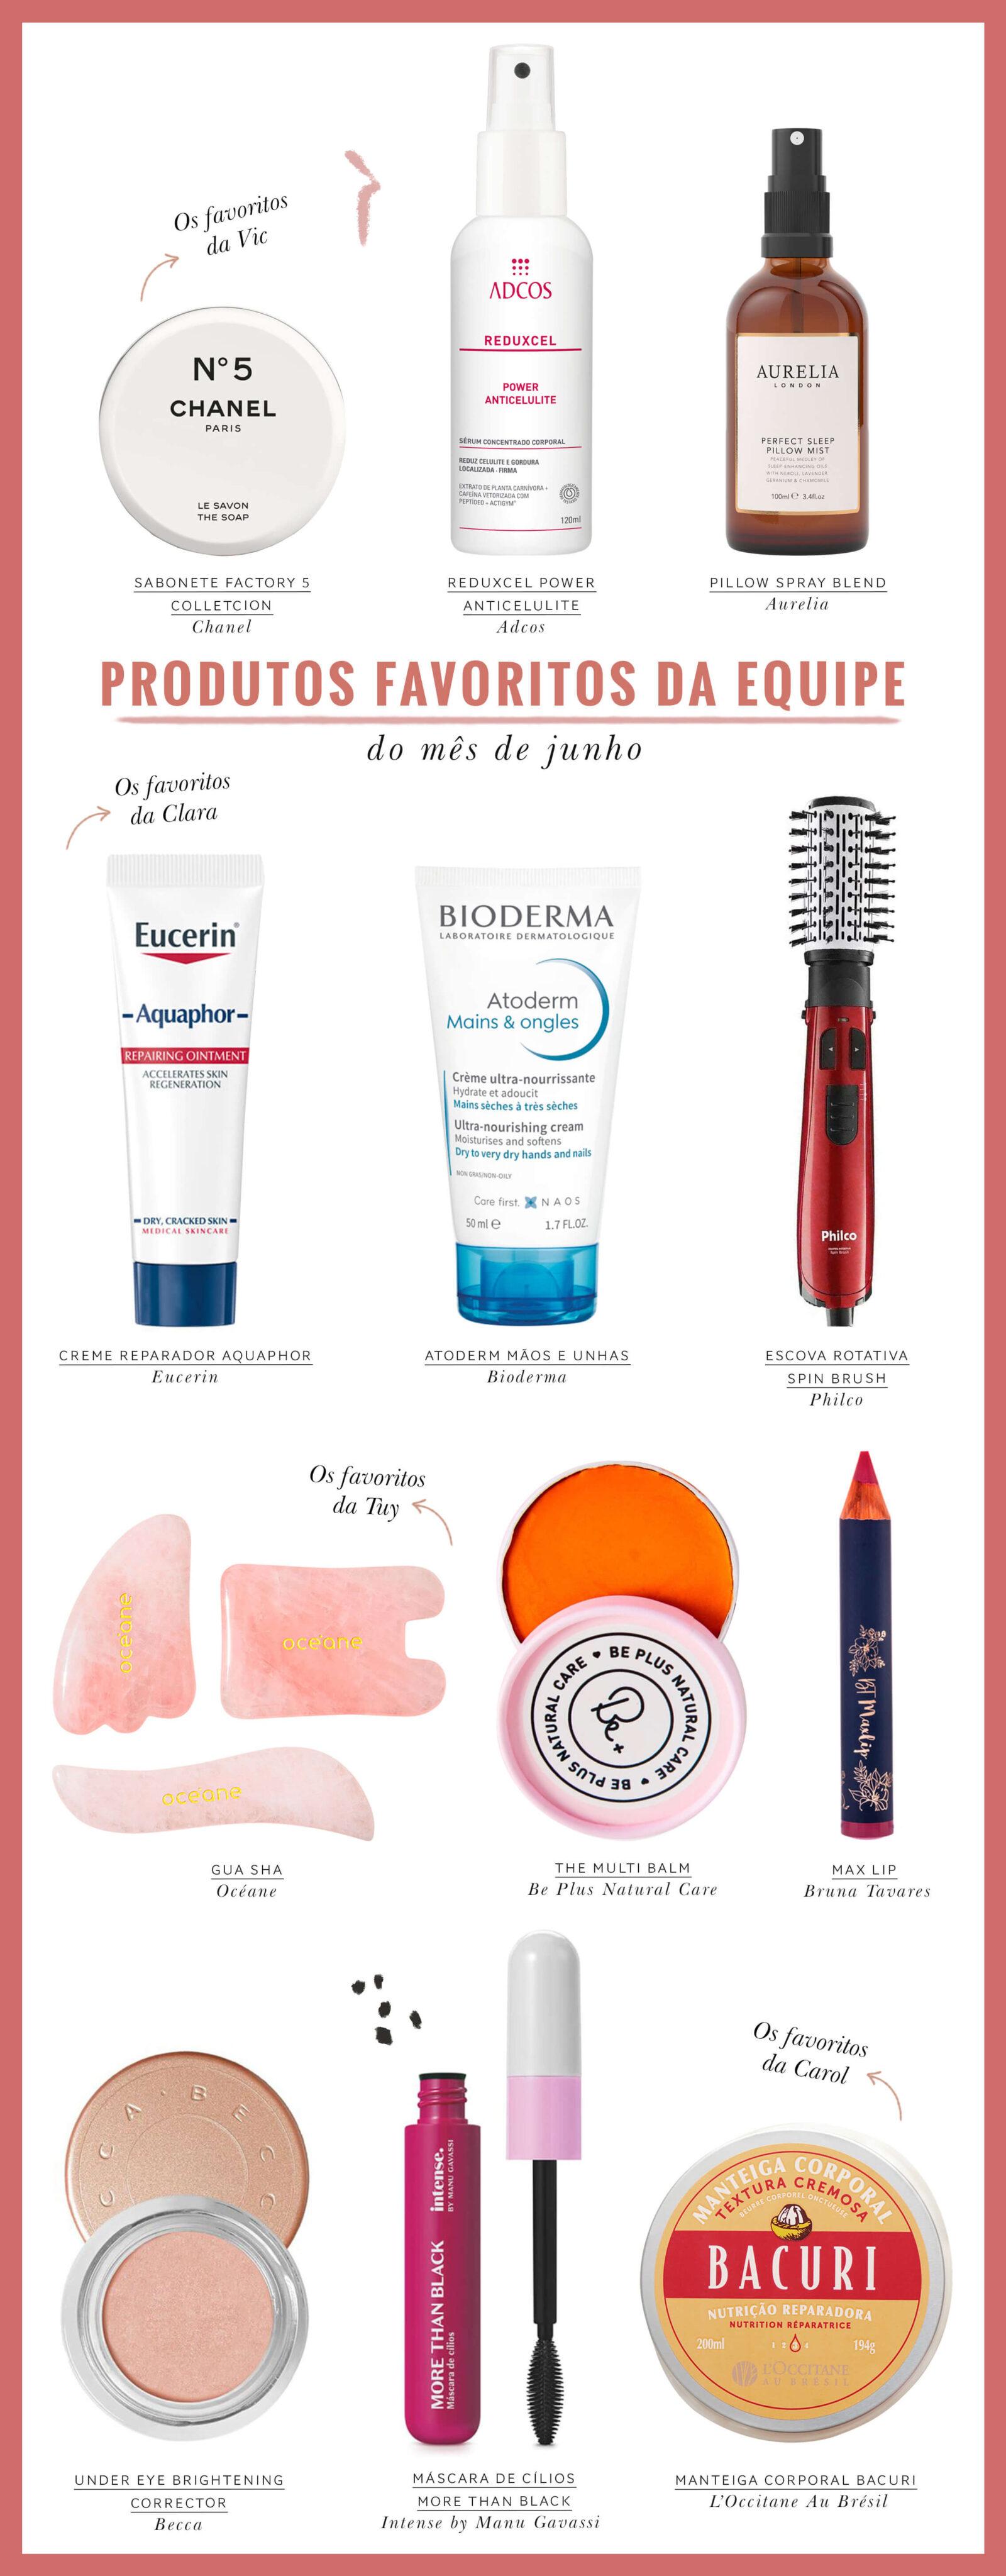 produtos favoritos da equipe ddb em junho